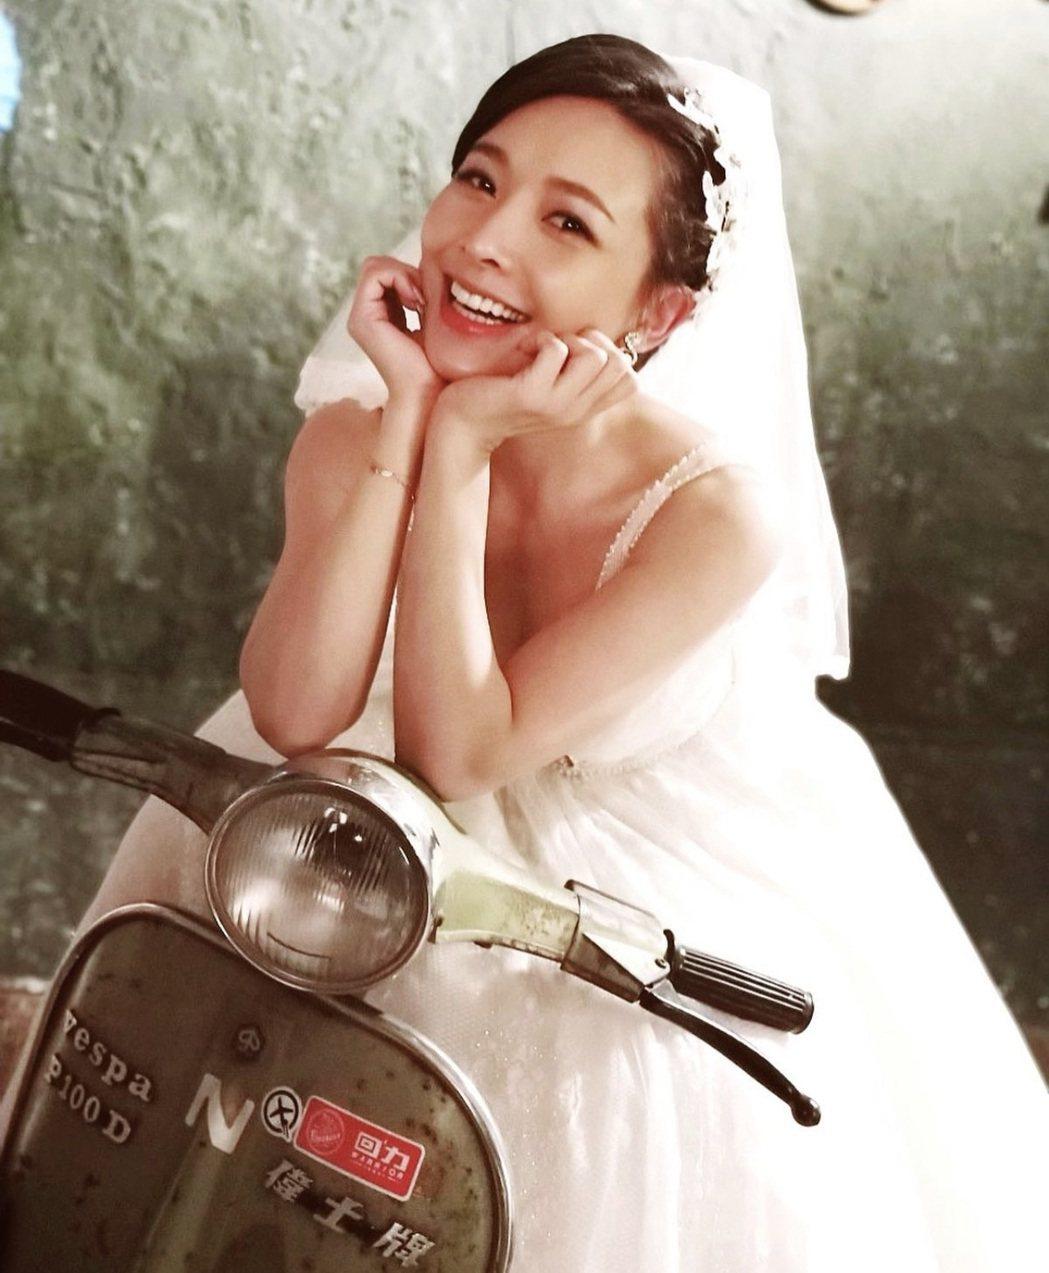 吳婉君的婚紗照很復古。圖/摘自IG